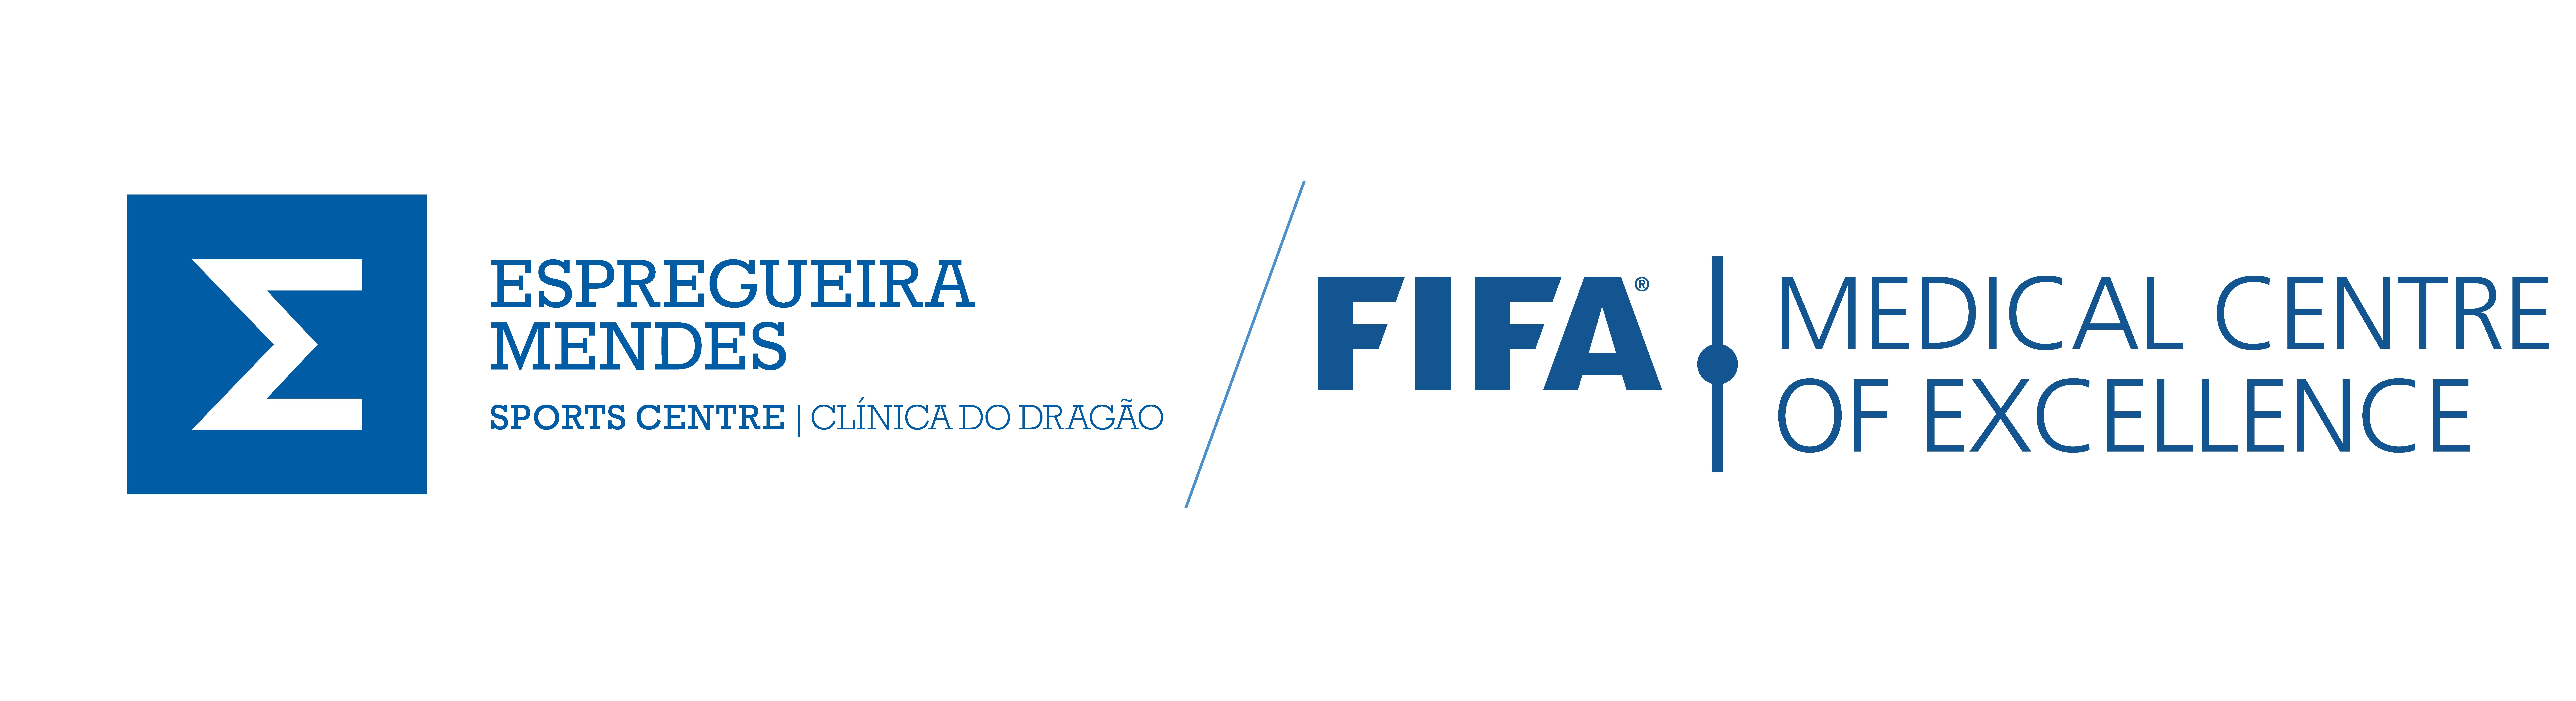 Logo Clínica do Dragão - Espregueira Mendes Sports centre